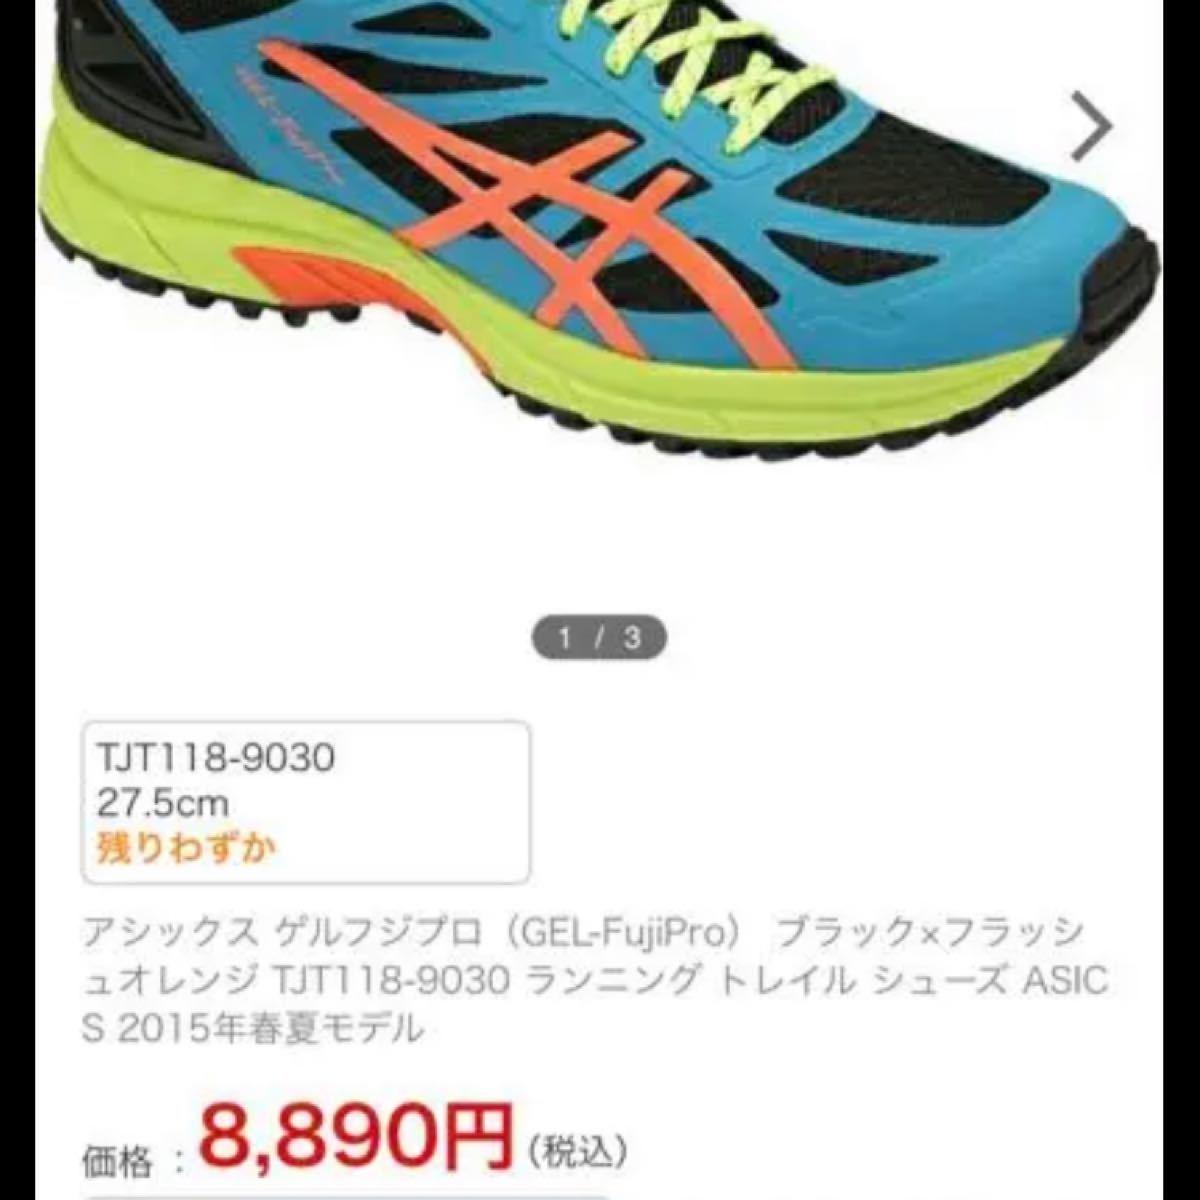 【値下げ】アシックス GEL Fujipro 25.0